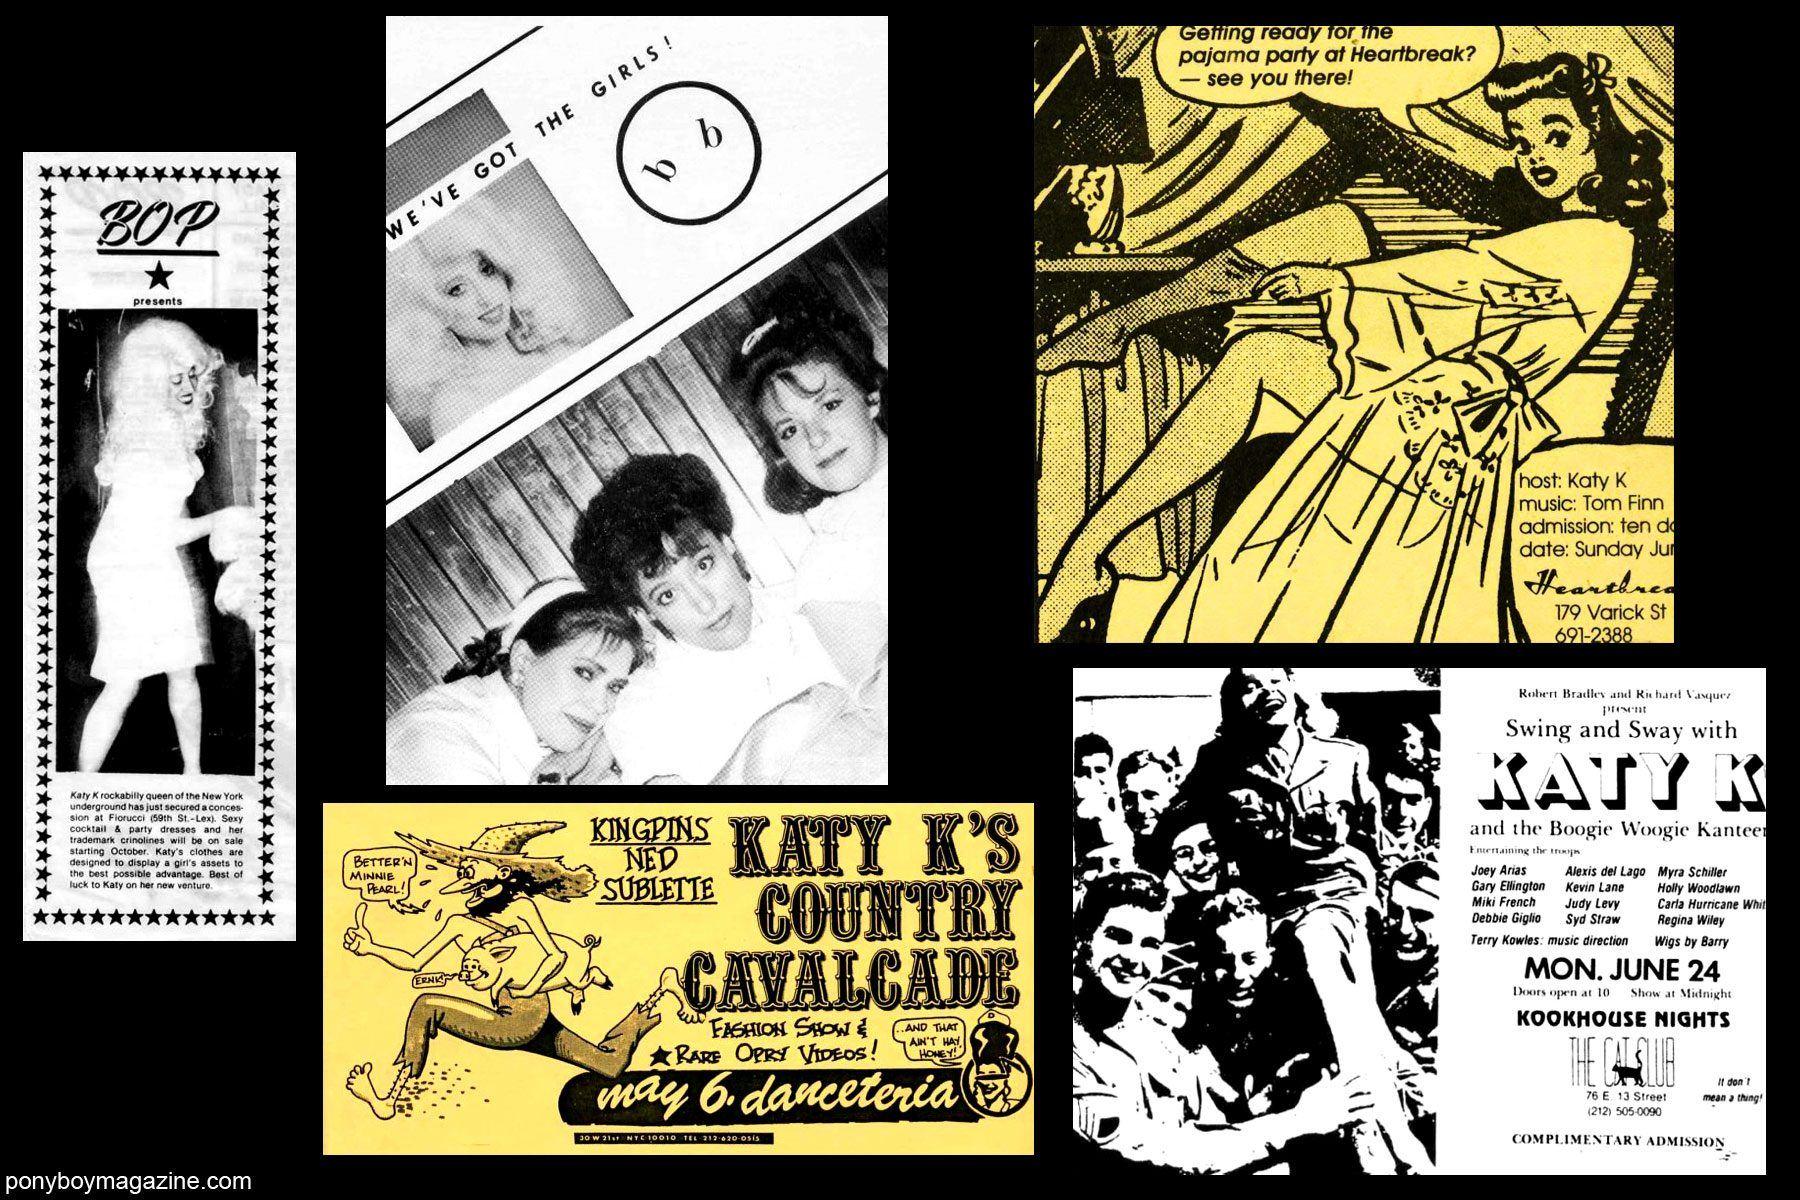 80's vintage artwork of Katy K performances for Ponyboy Magazine.